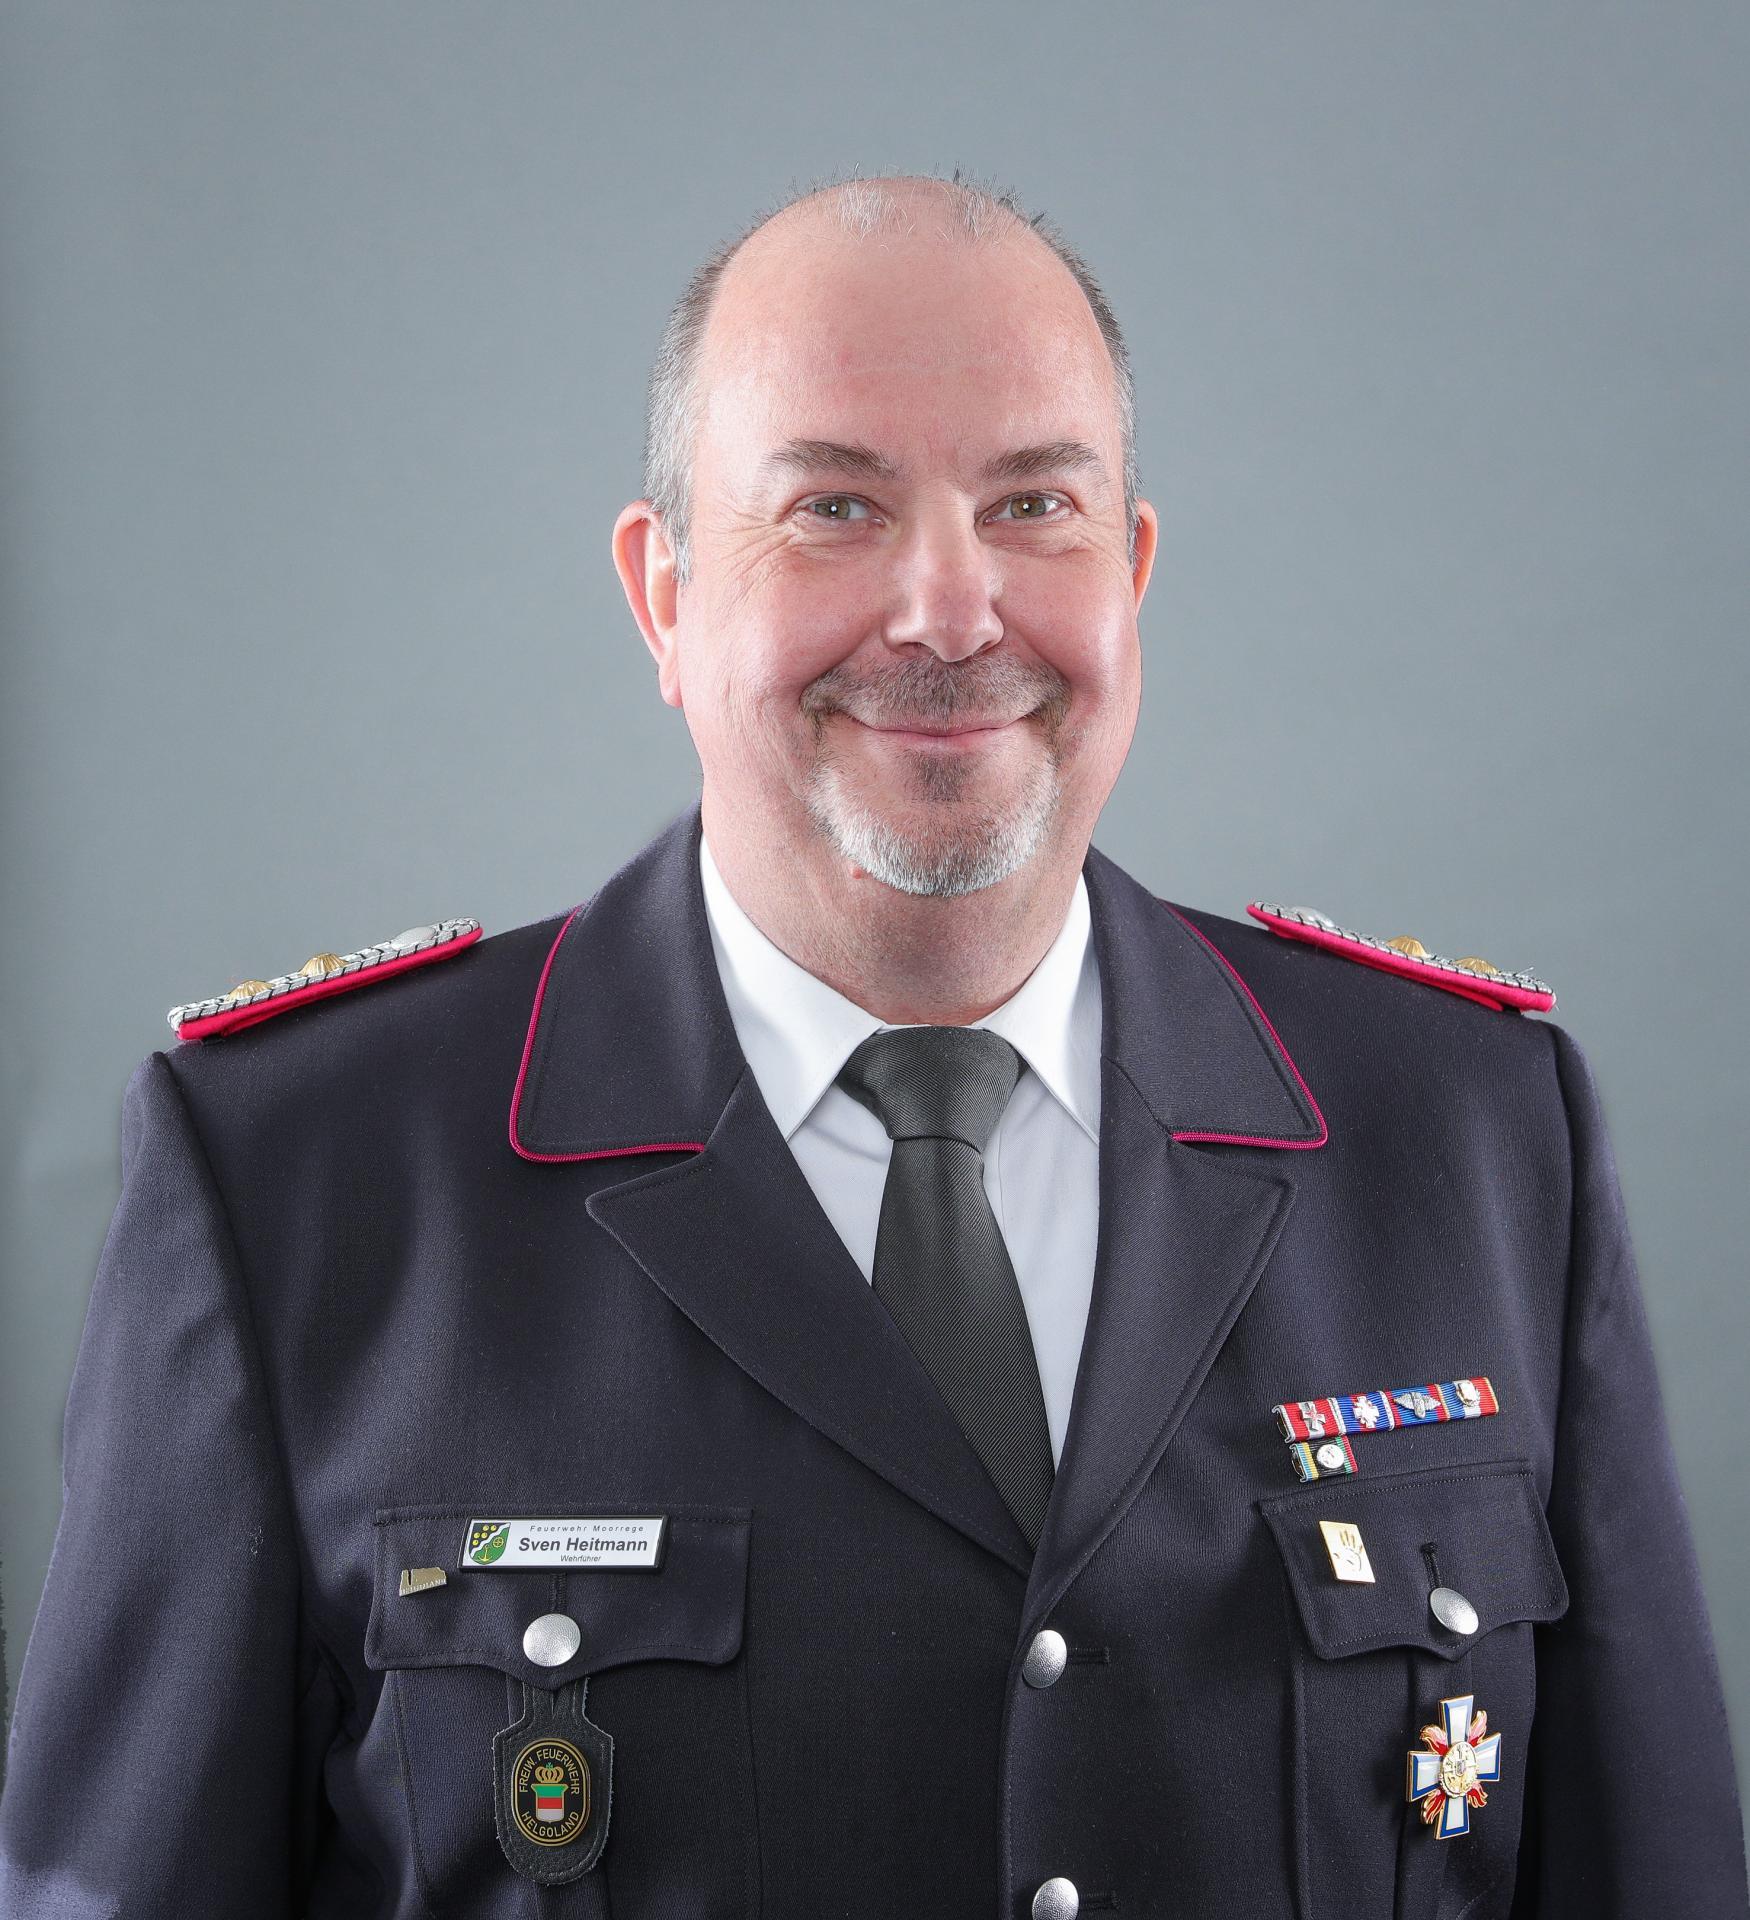 Sven Heitmann